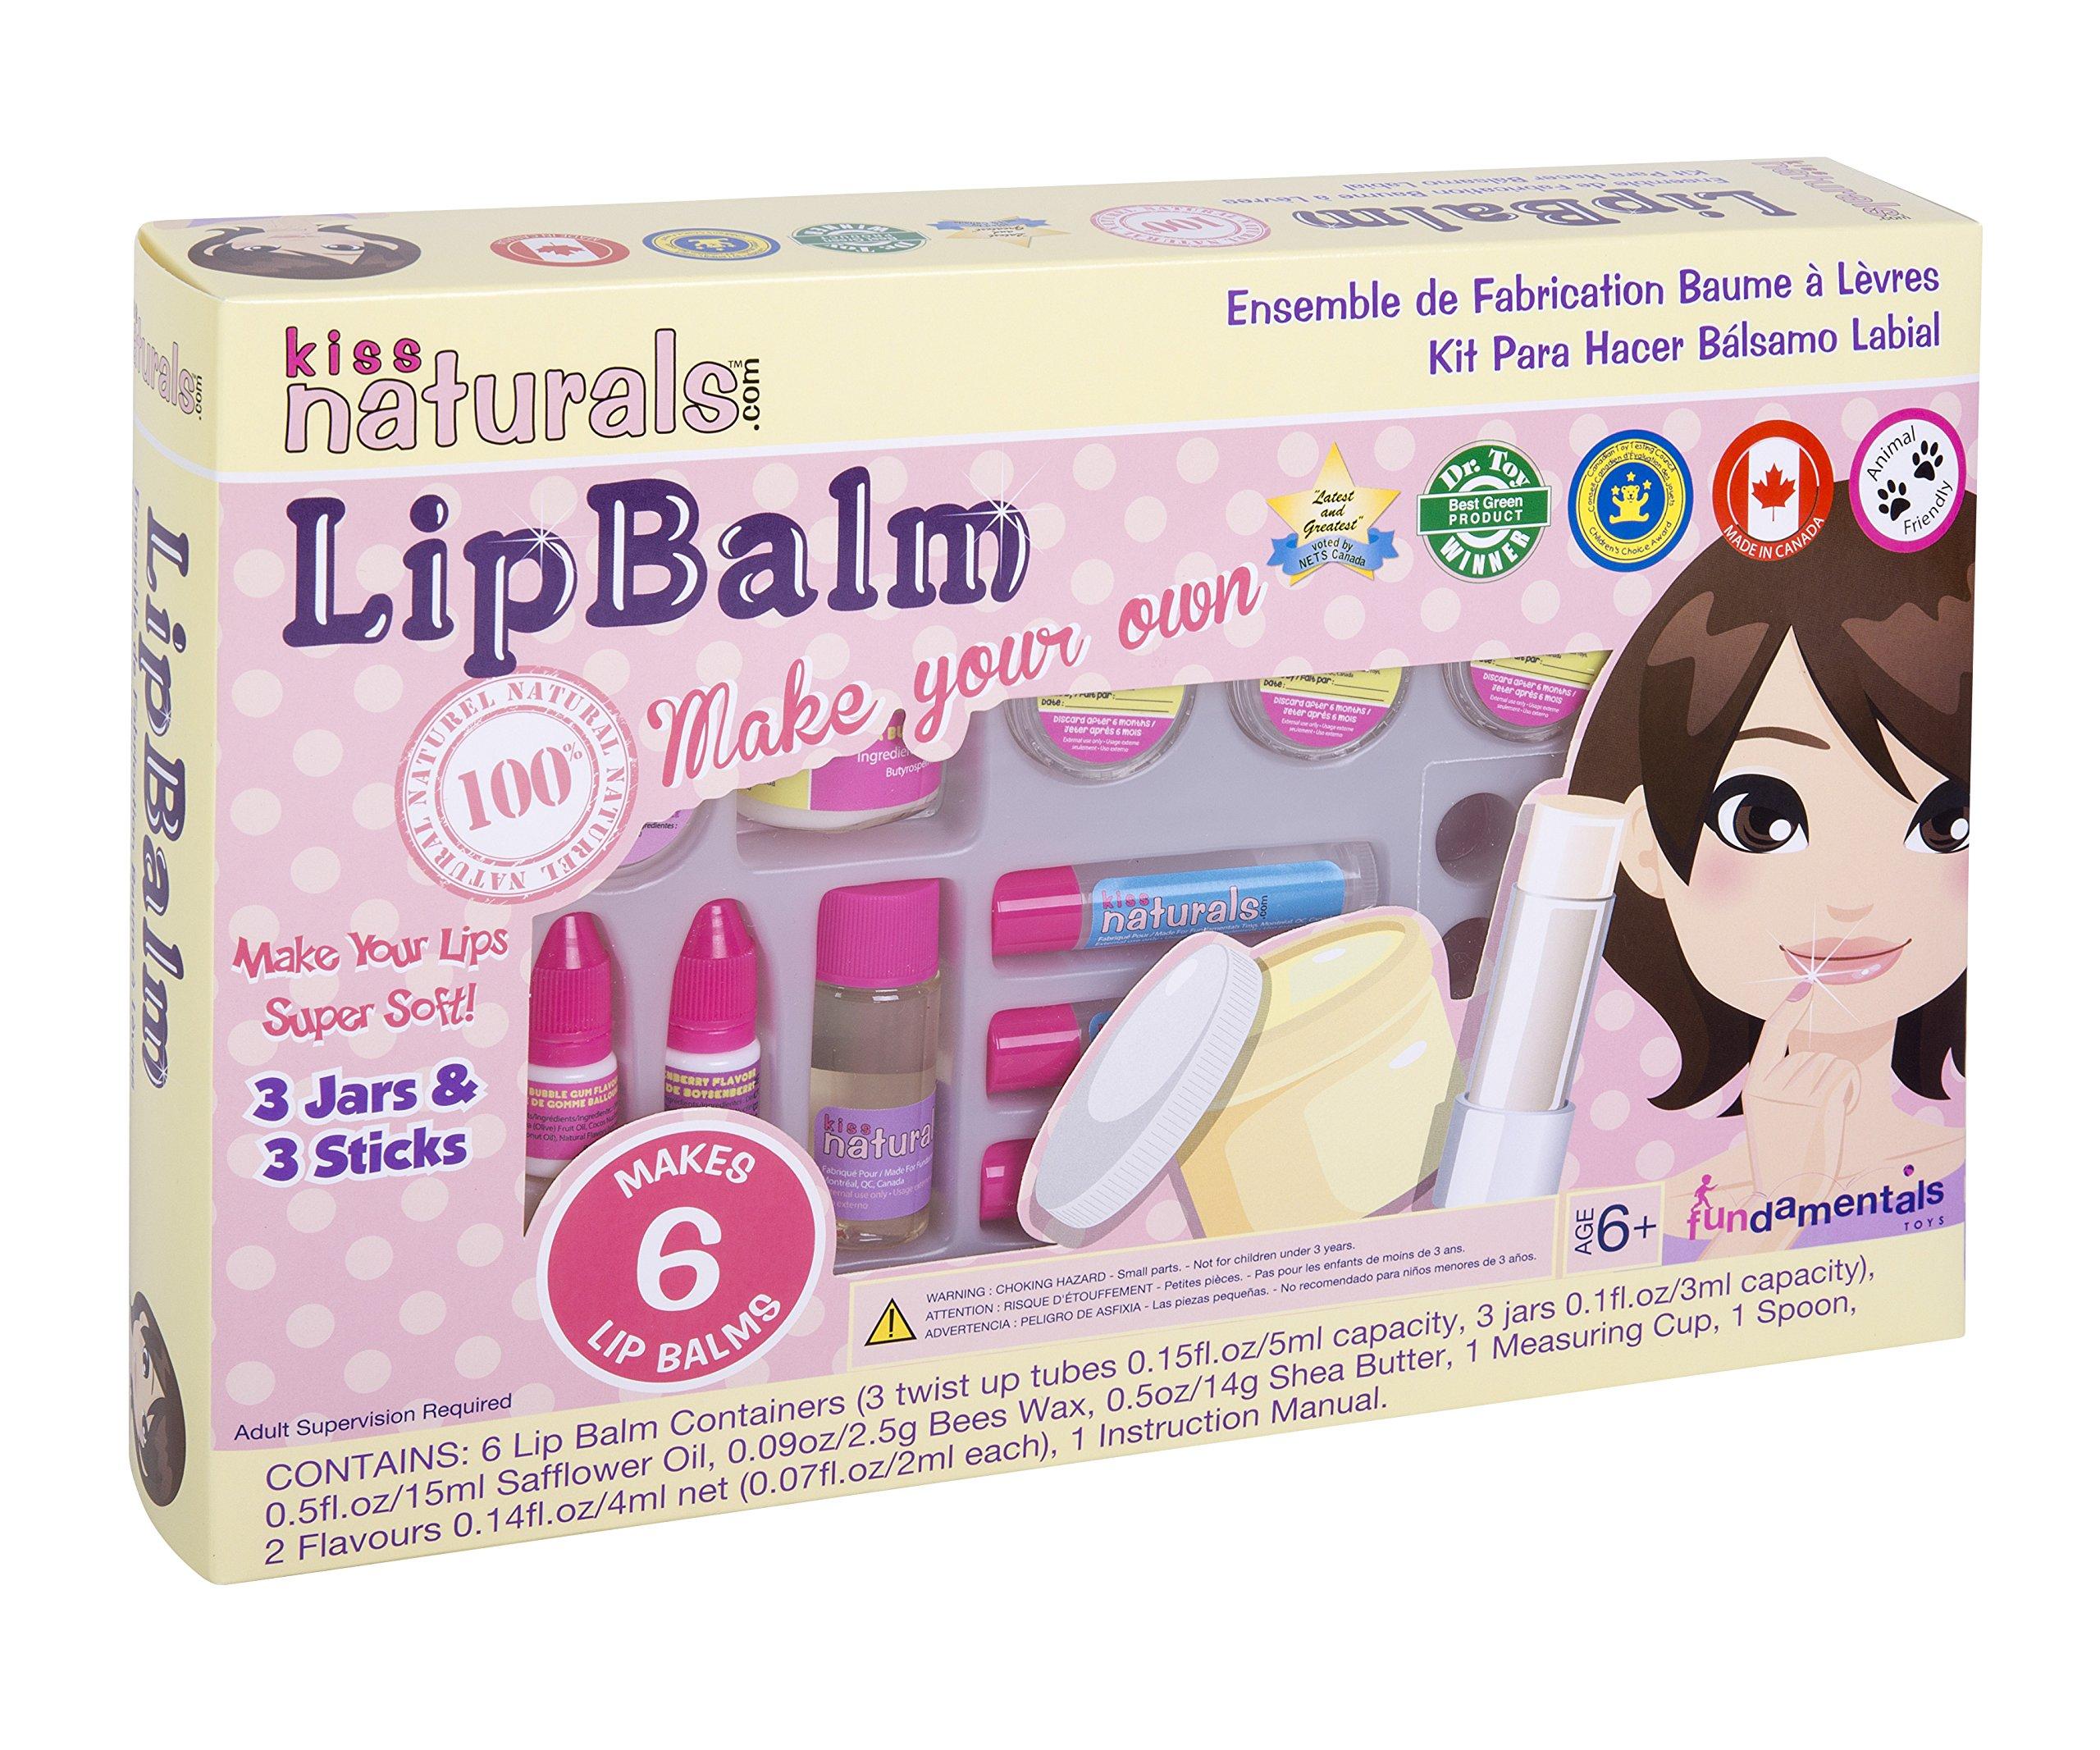 Kiss Naturals: Lip Balm Making Kit - All Natural, DIY